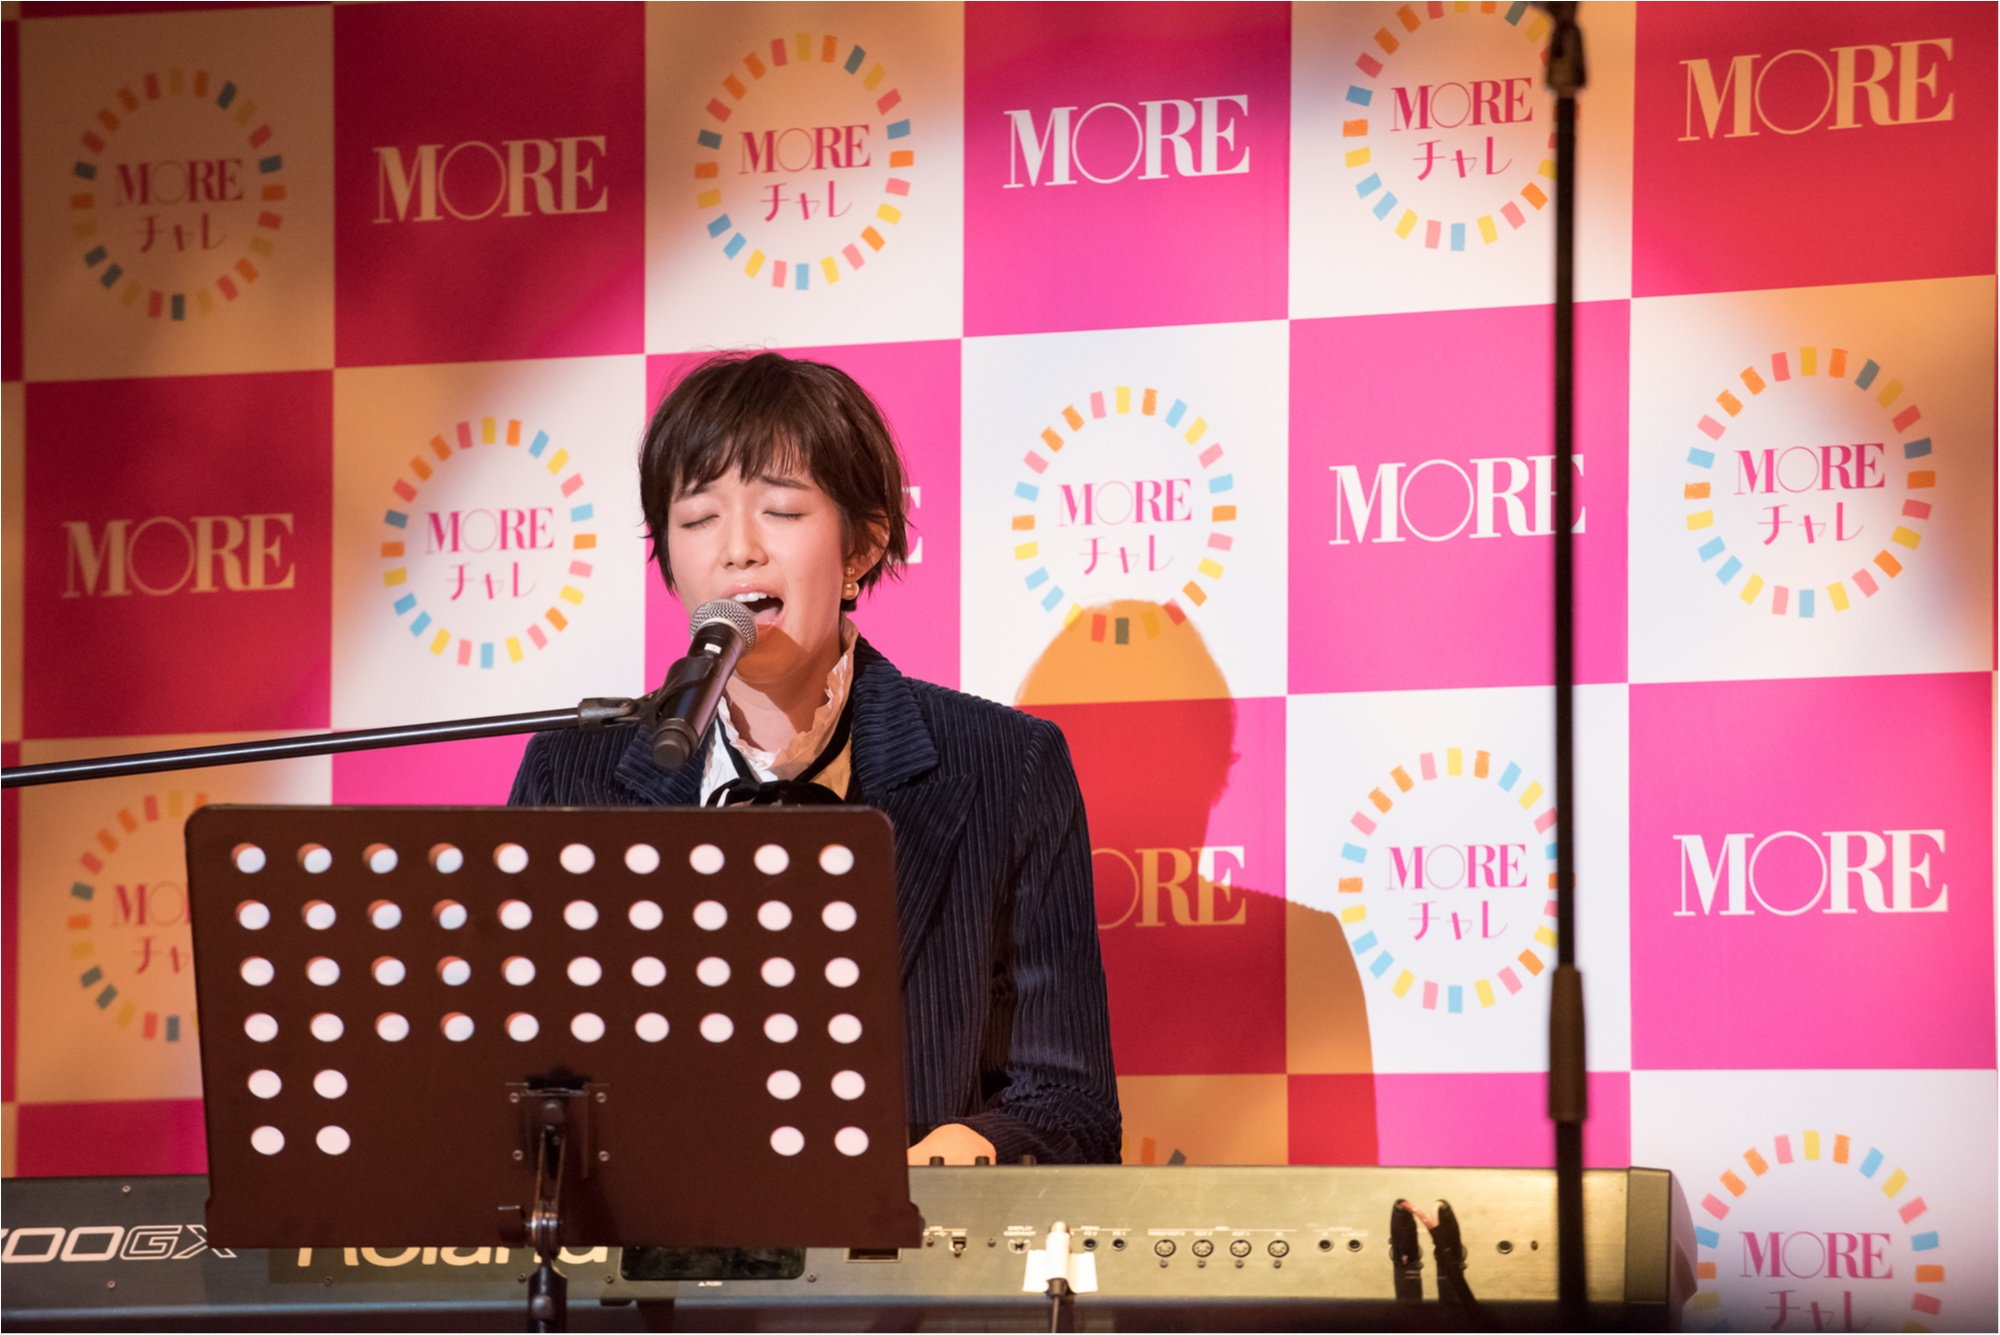 「モアチャレ」ついに完結☆ MORE40周年記念『モアチャレ』報告会イベントで、感動の涙と輝く笑顔に会えました!!!_4